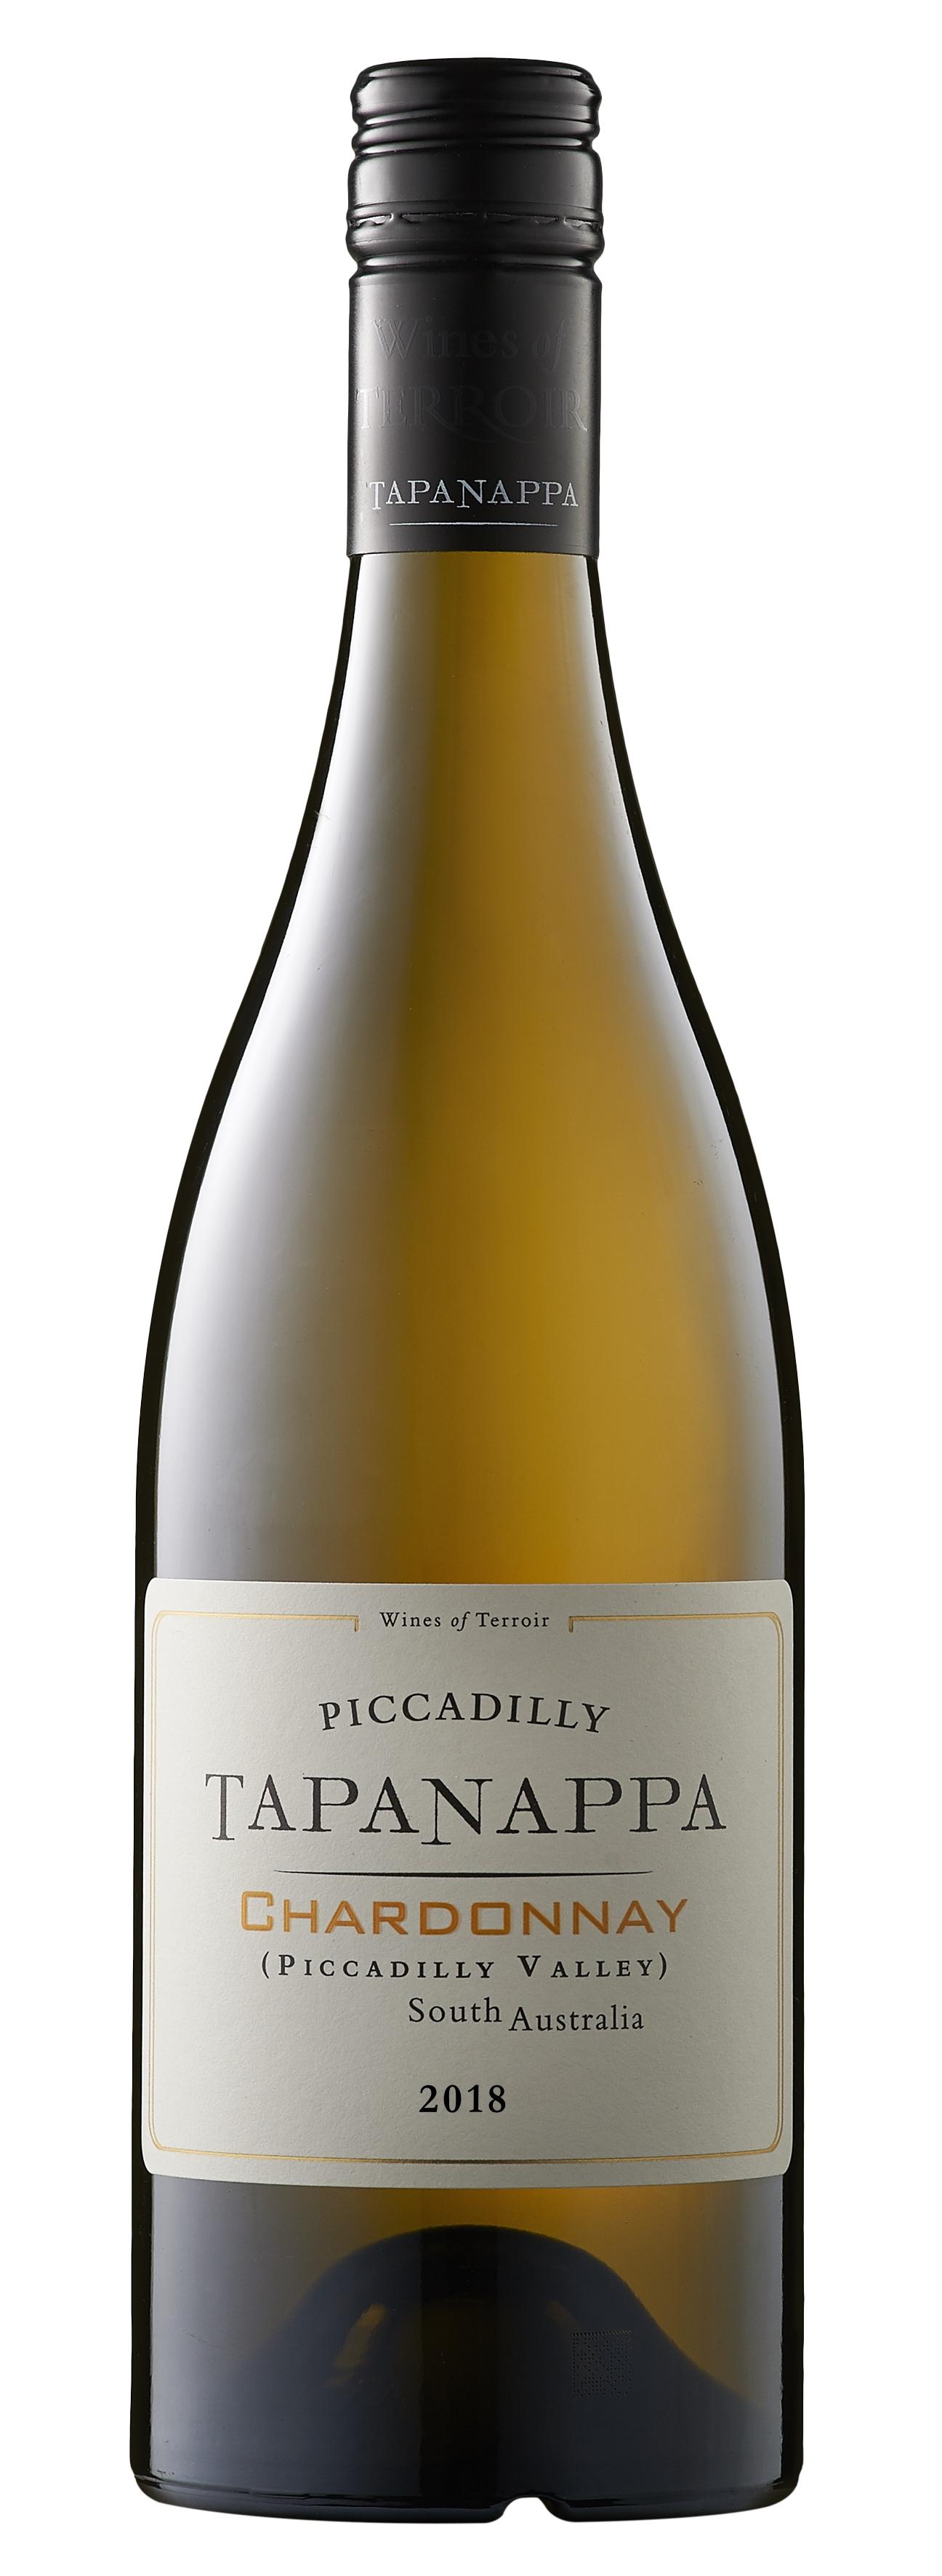 Tapanappa Piccadilly Valley 2018 Chardonnay Bottleshot